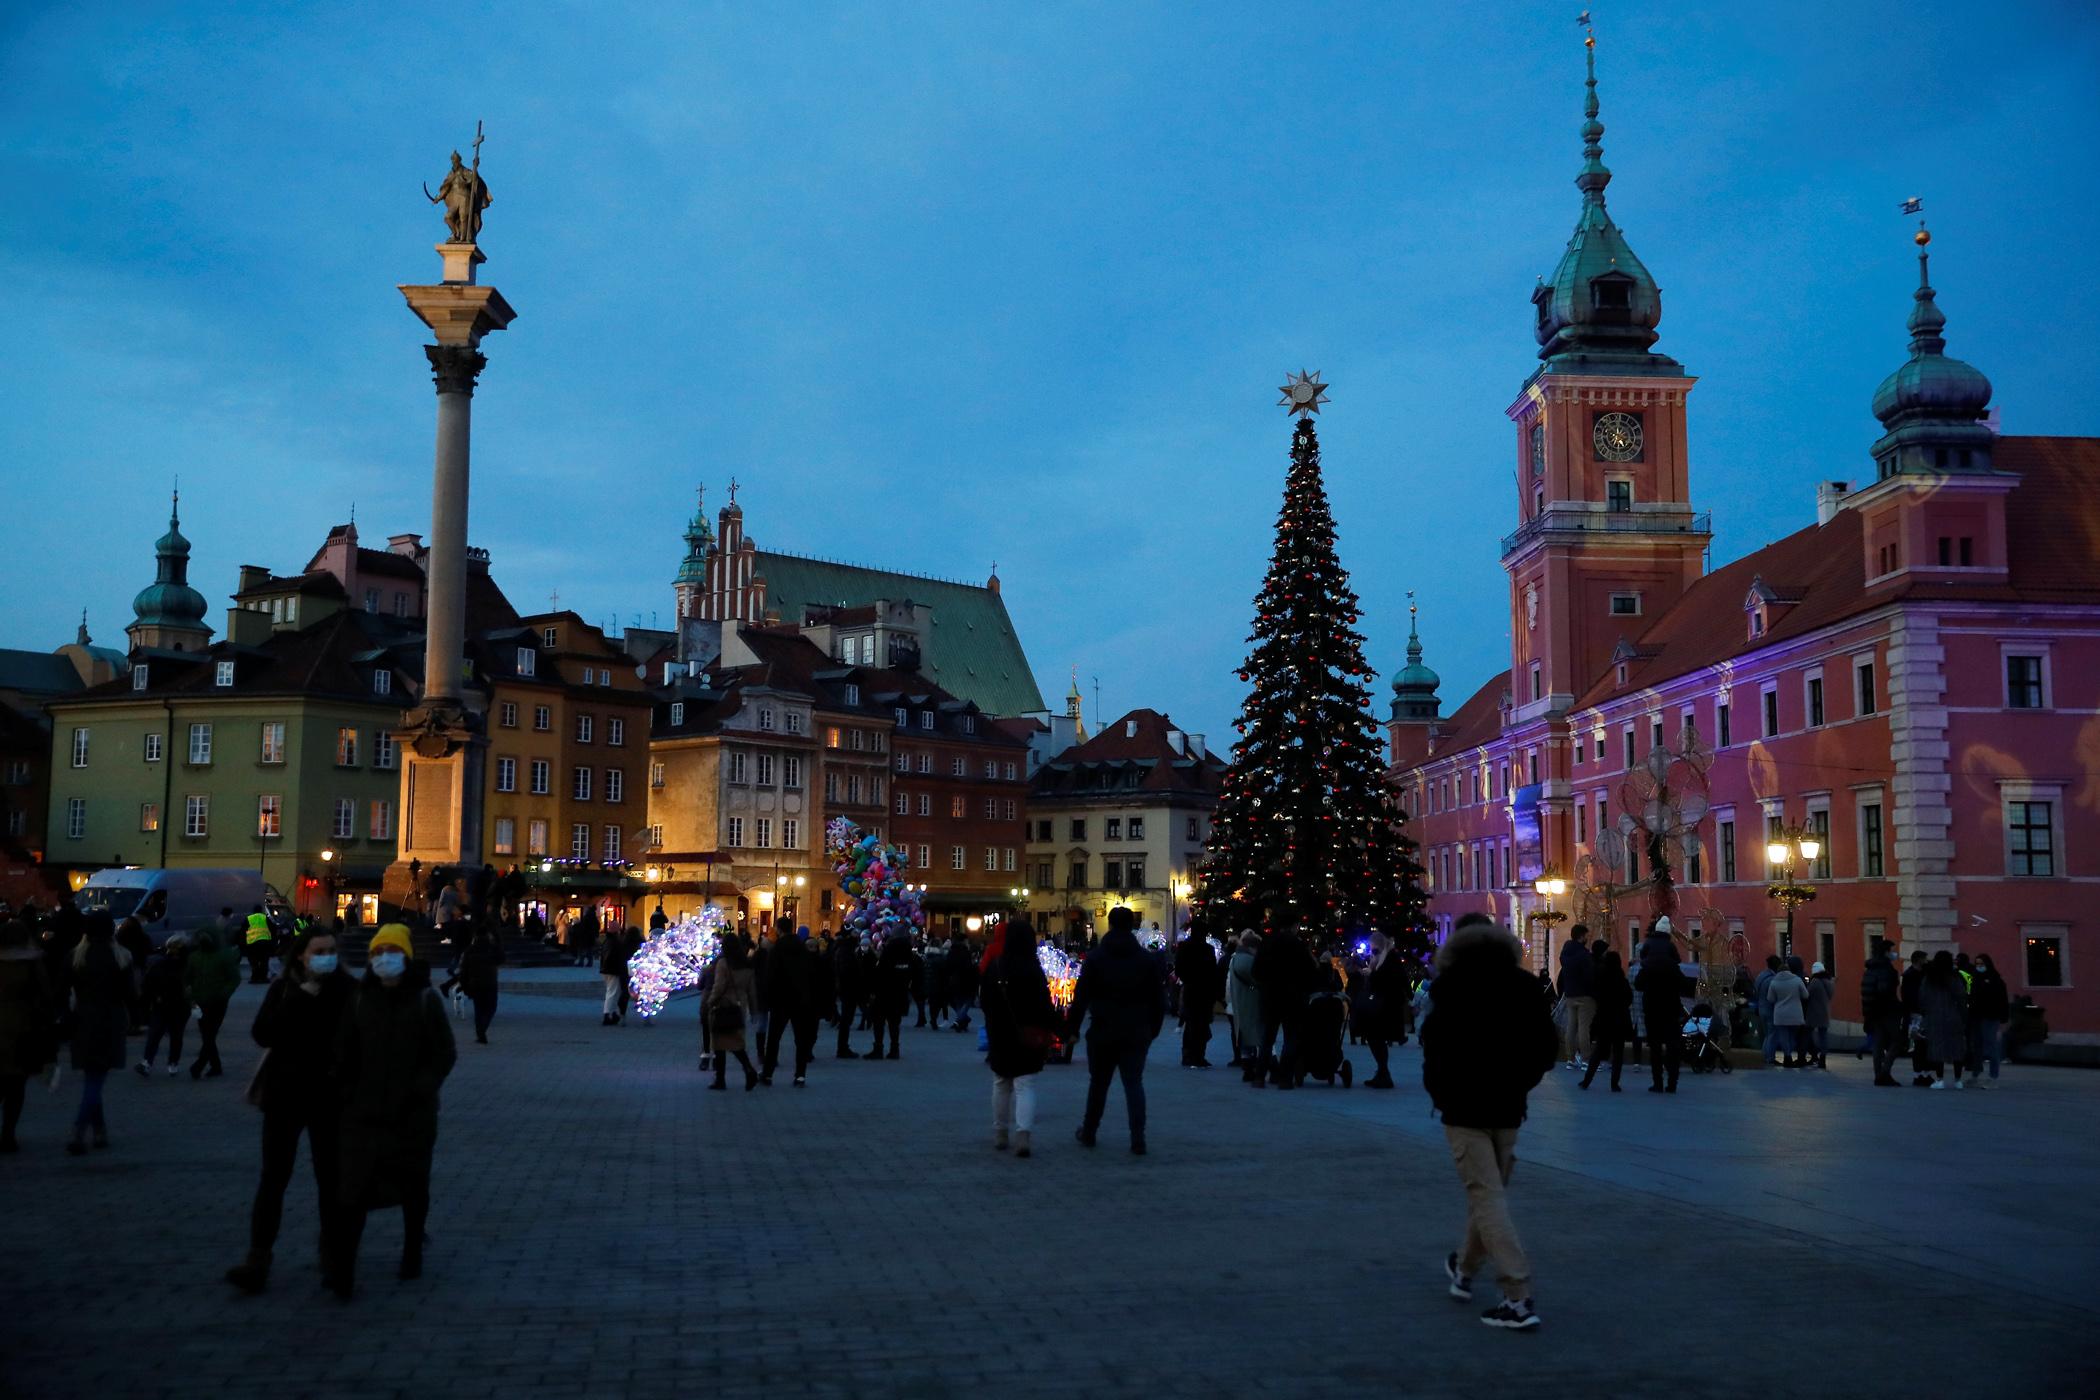 Πολωνία: Σκέψεις για παράταση των περιοριστικών μέτρων μέχρι τις 17 Ιανουαρίου